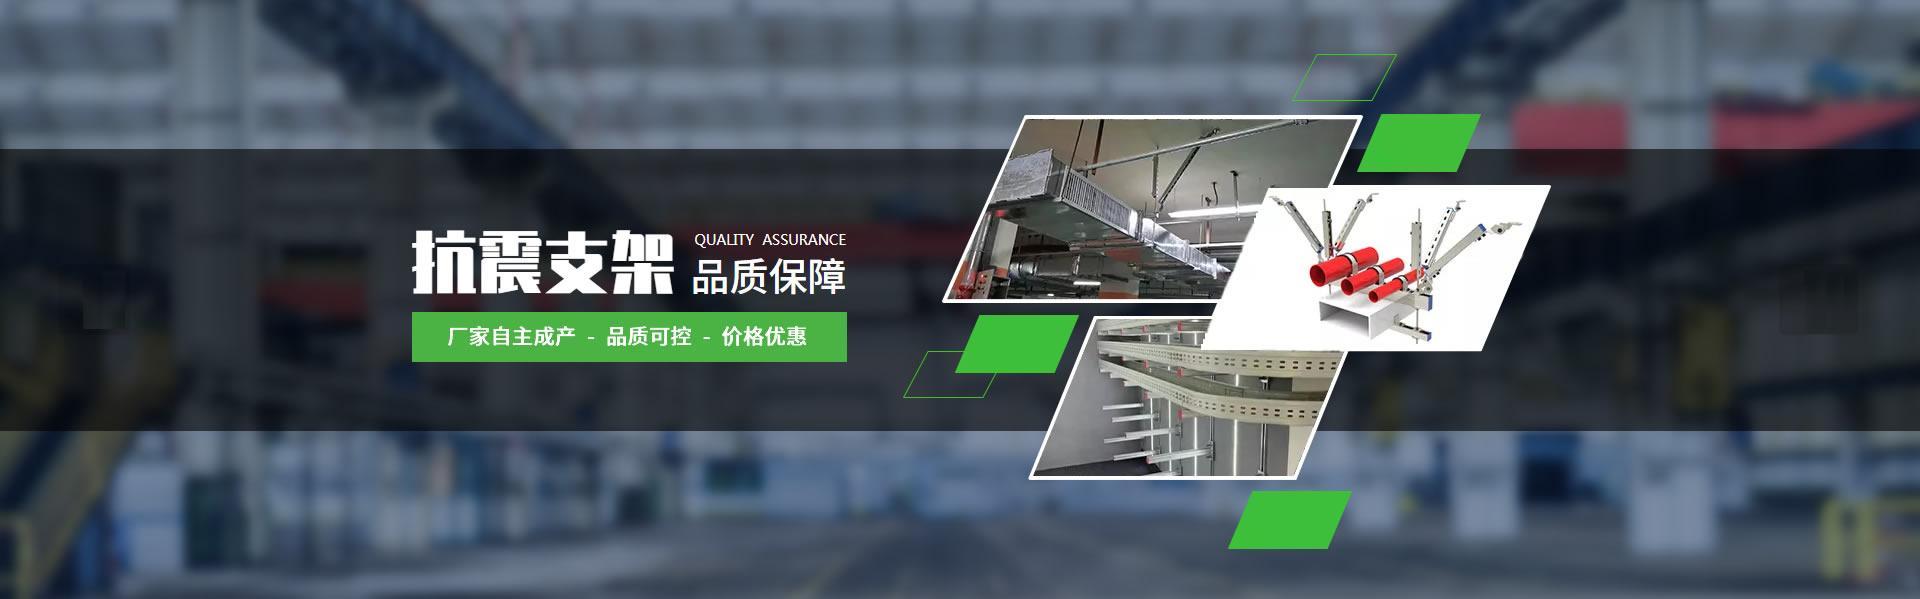 陕西抗震支架生产厂家